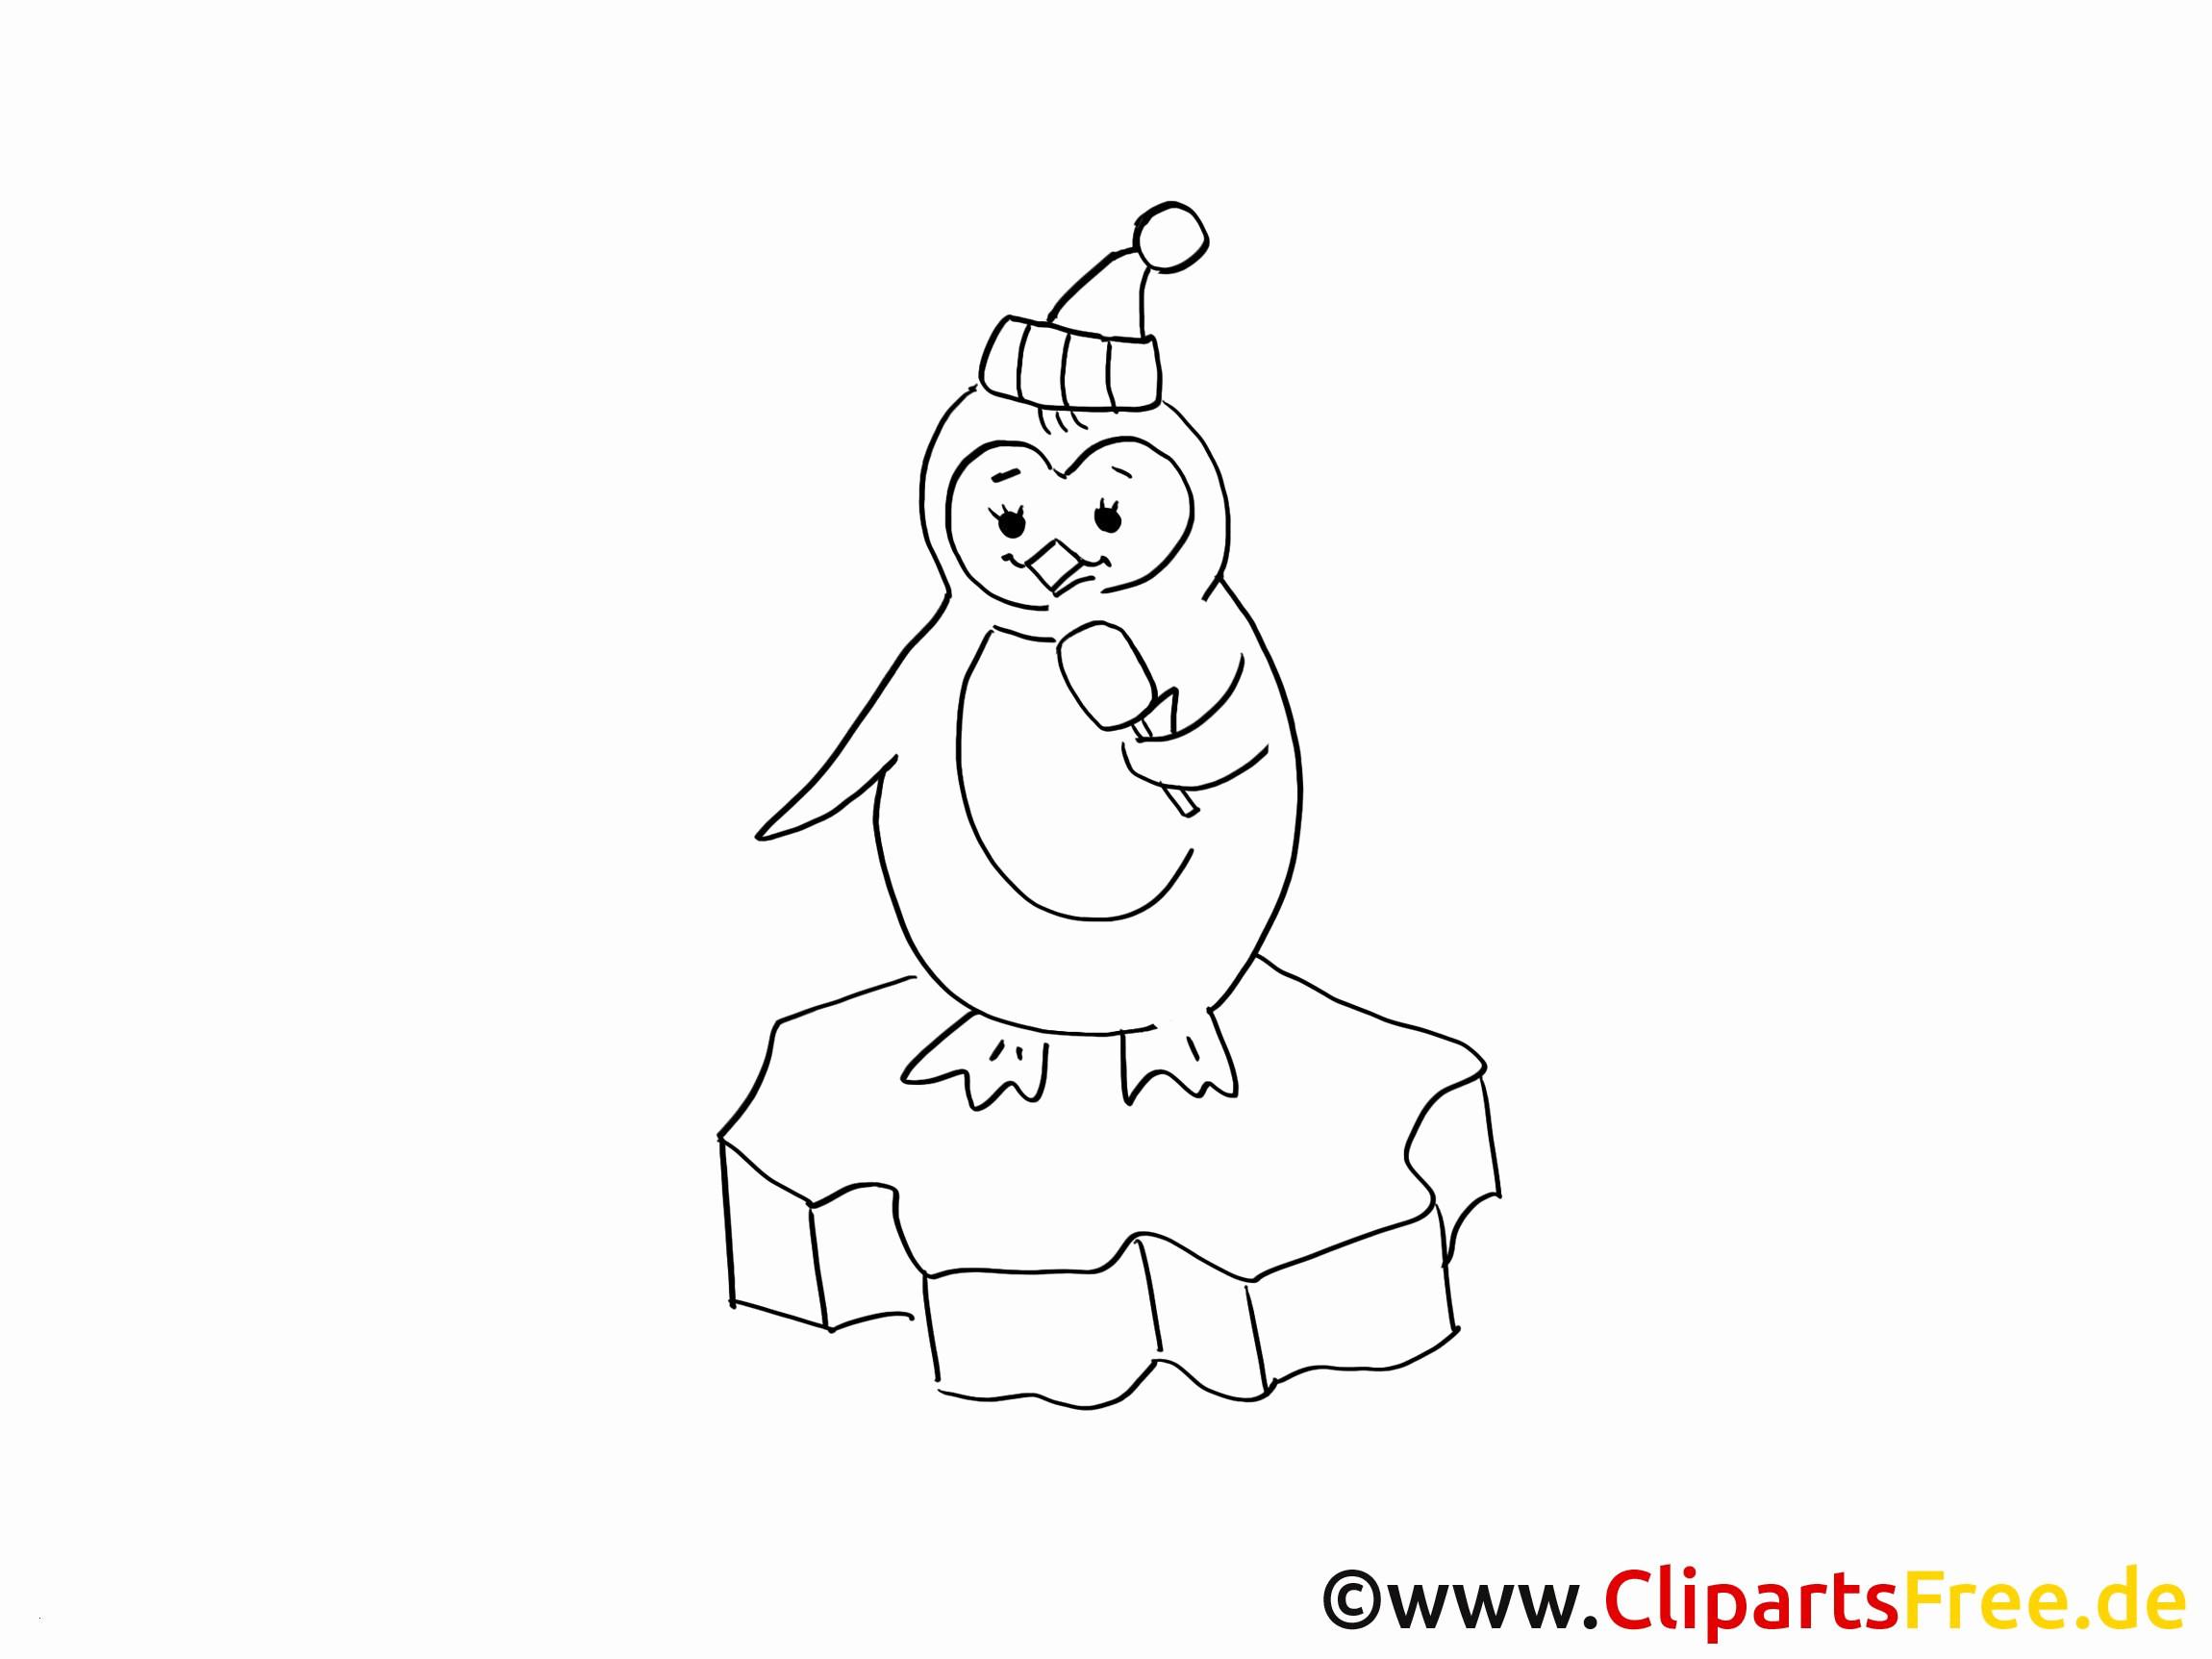 Ausmalbilder Weihnachten Online Einzigartig Produktfotos Sammlung Von Ausmalbilder Kostenlos Weihnachten Bilder